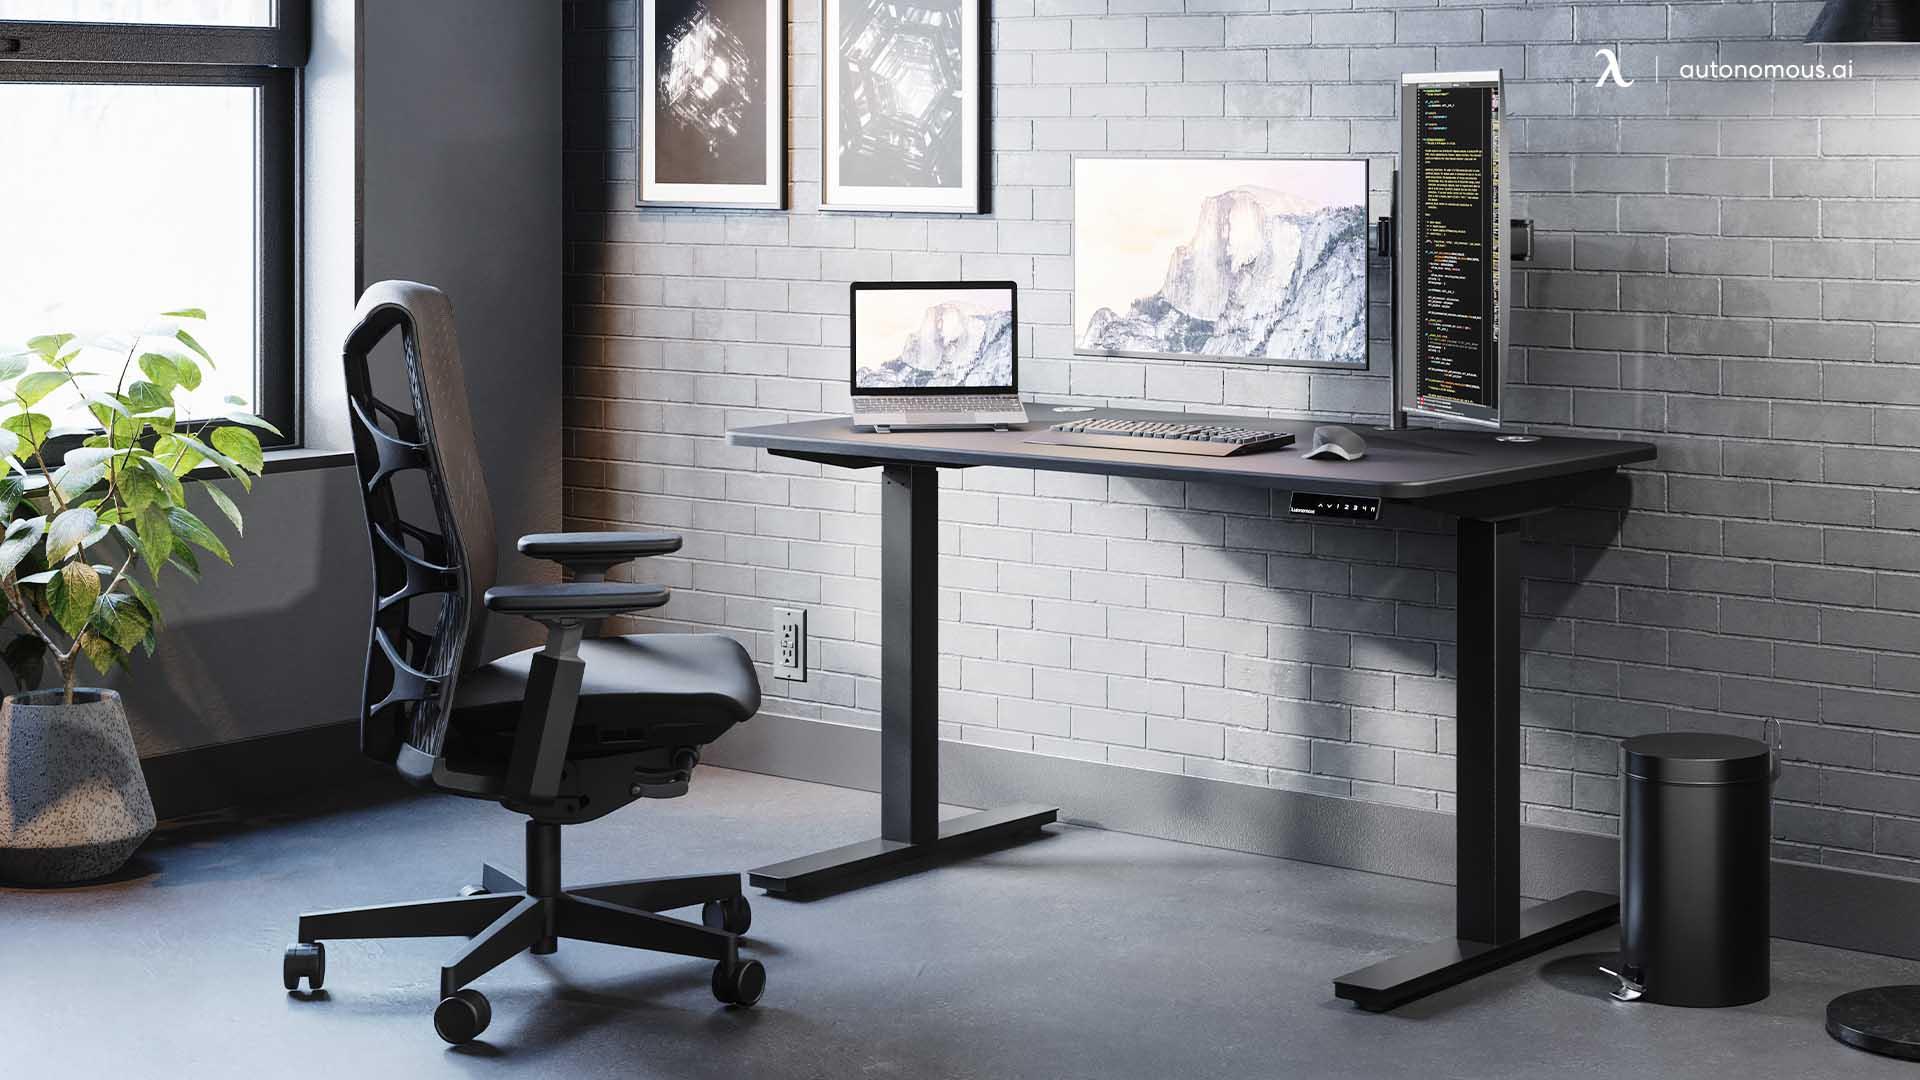 Why Should You Choose A Black Designer Desk Chair?